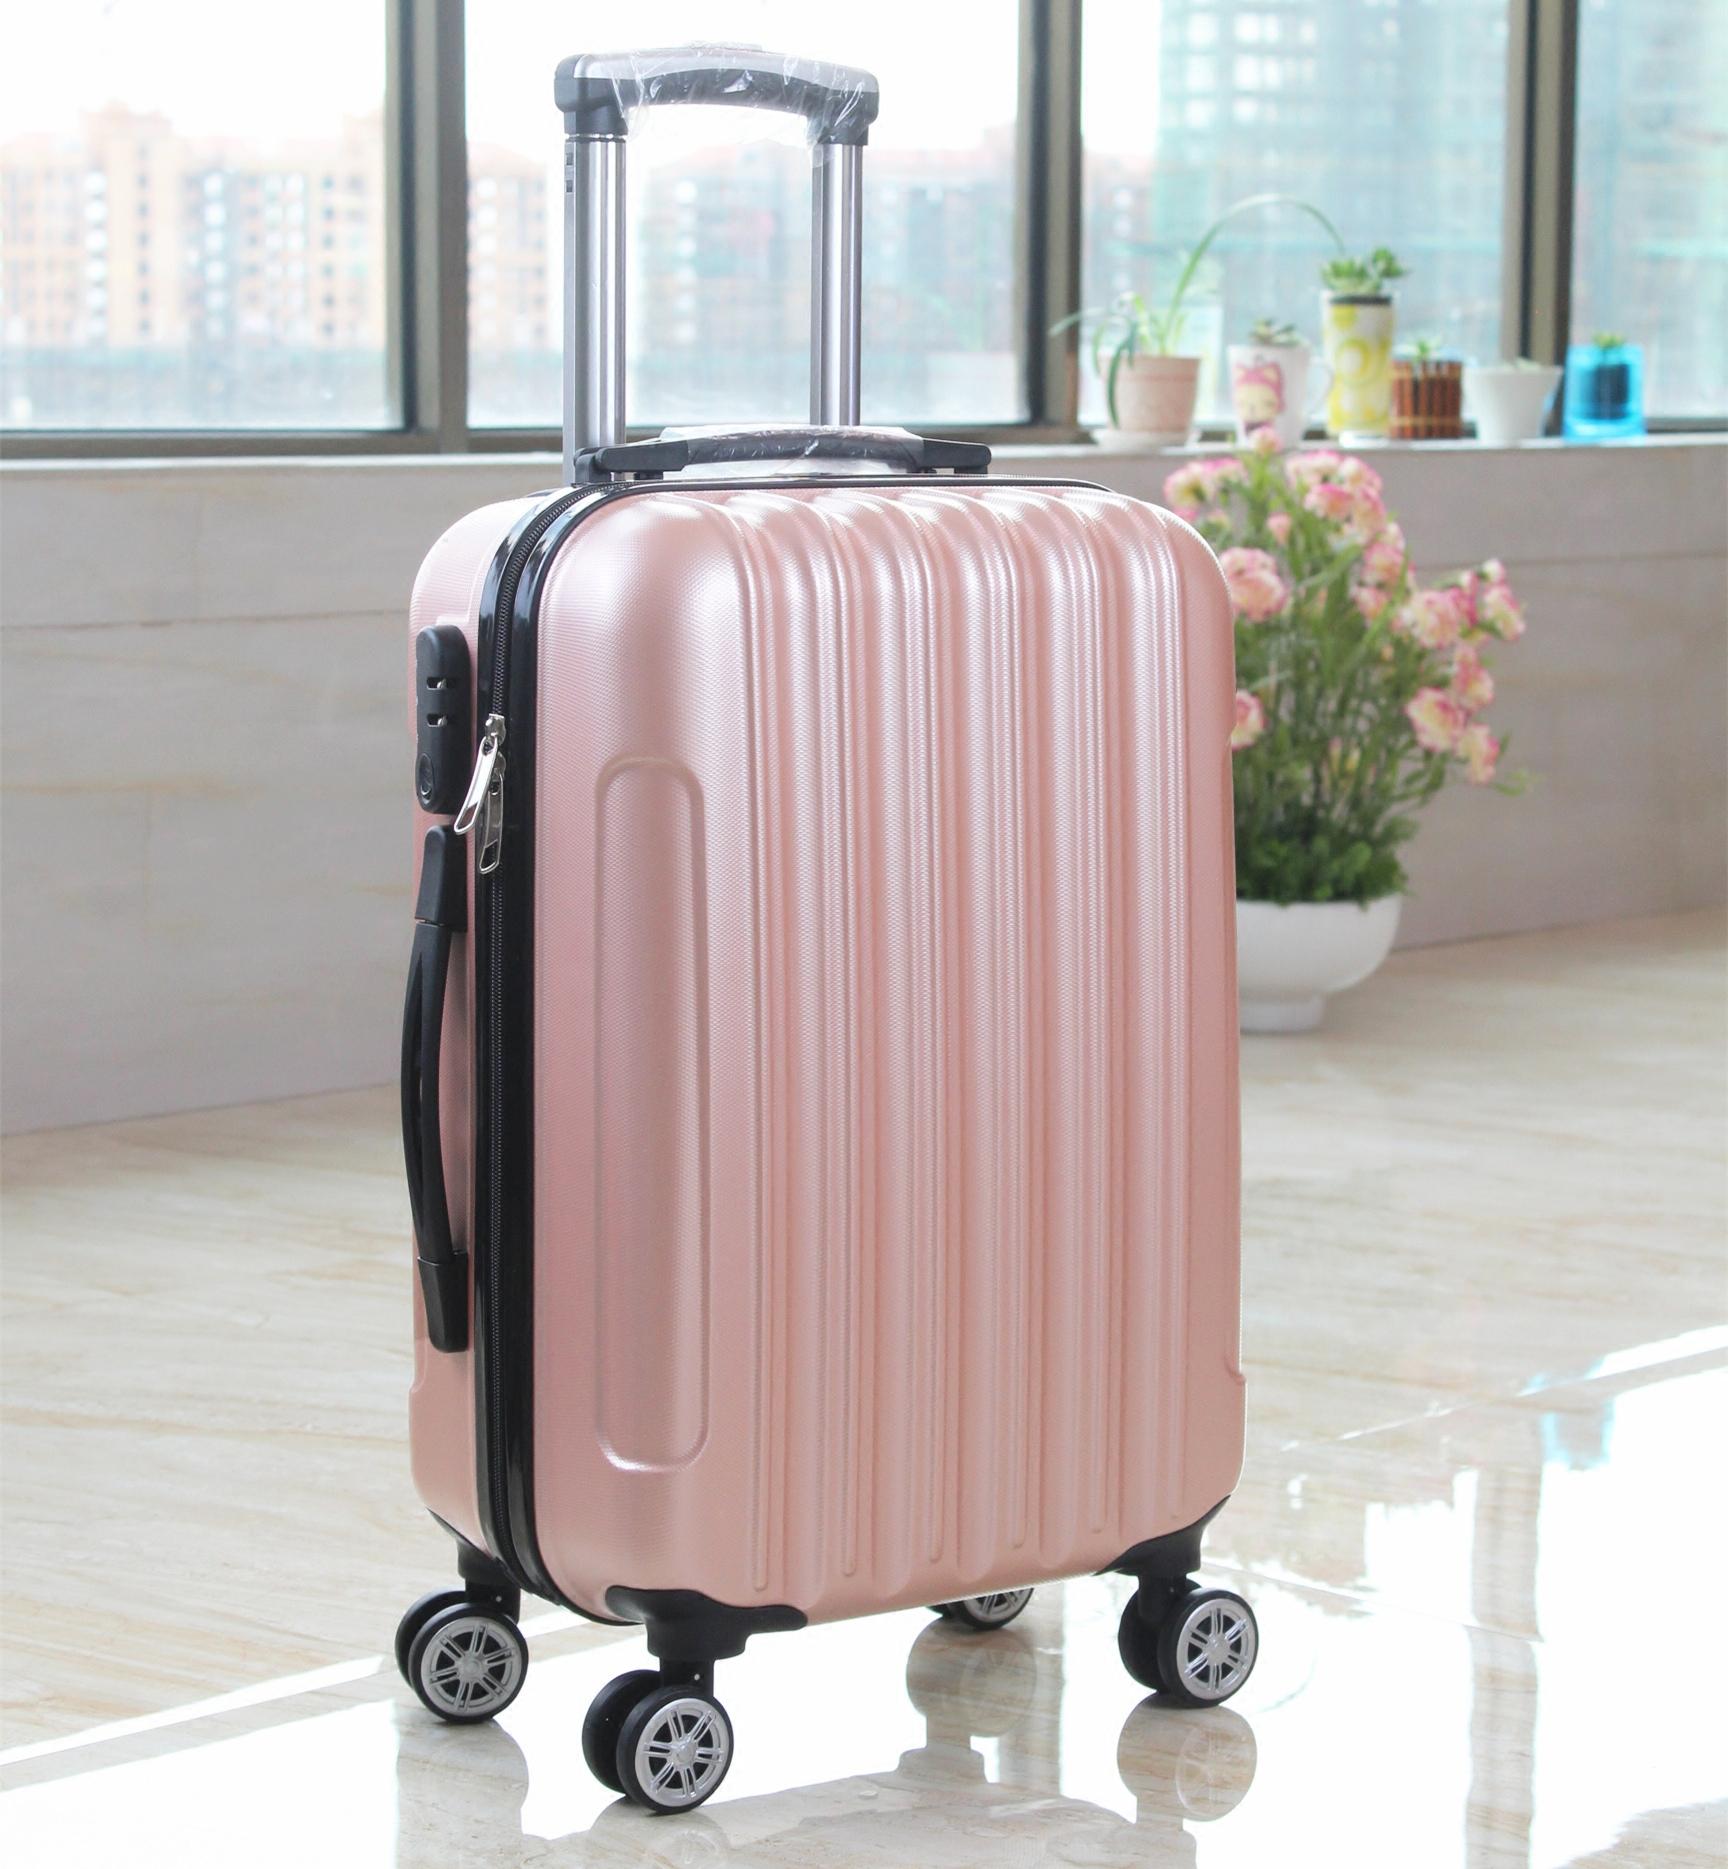 20寸磨砂条纹ABS拉杆箱男女登机箱万向轮商务旅行箱包24寸密码箱